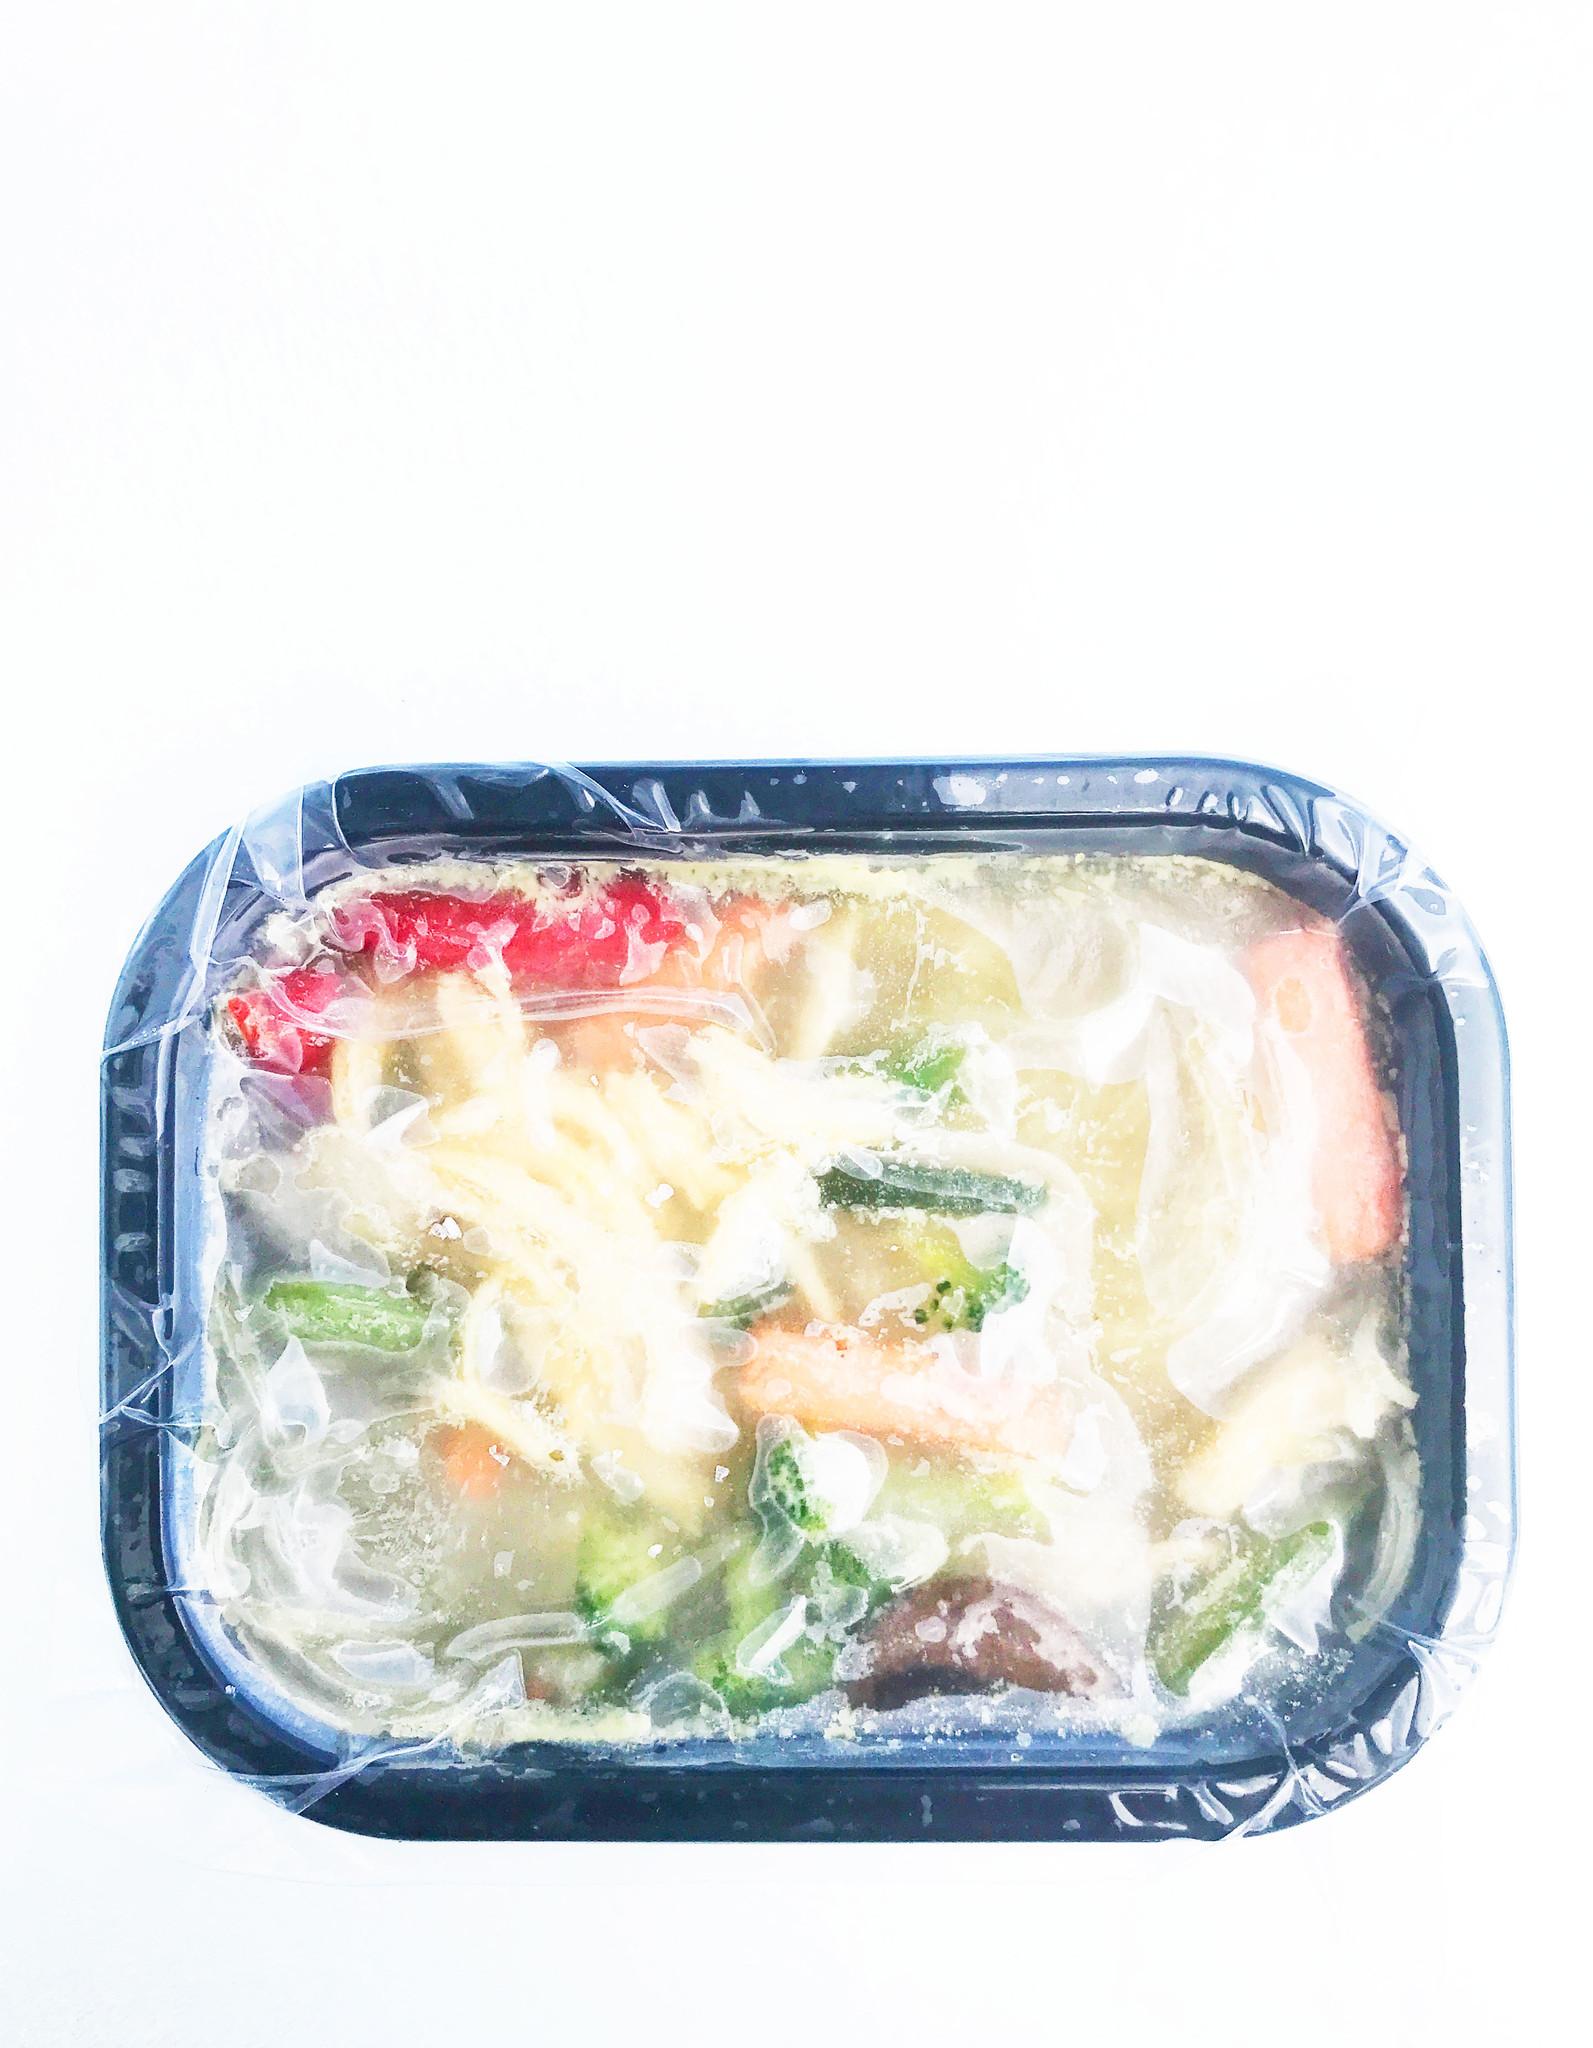 Soupe-repas à l'orientale au poulet & légumes (325g)